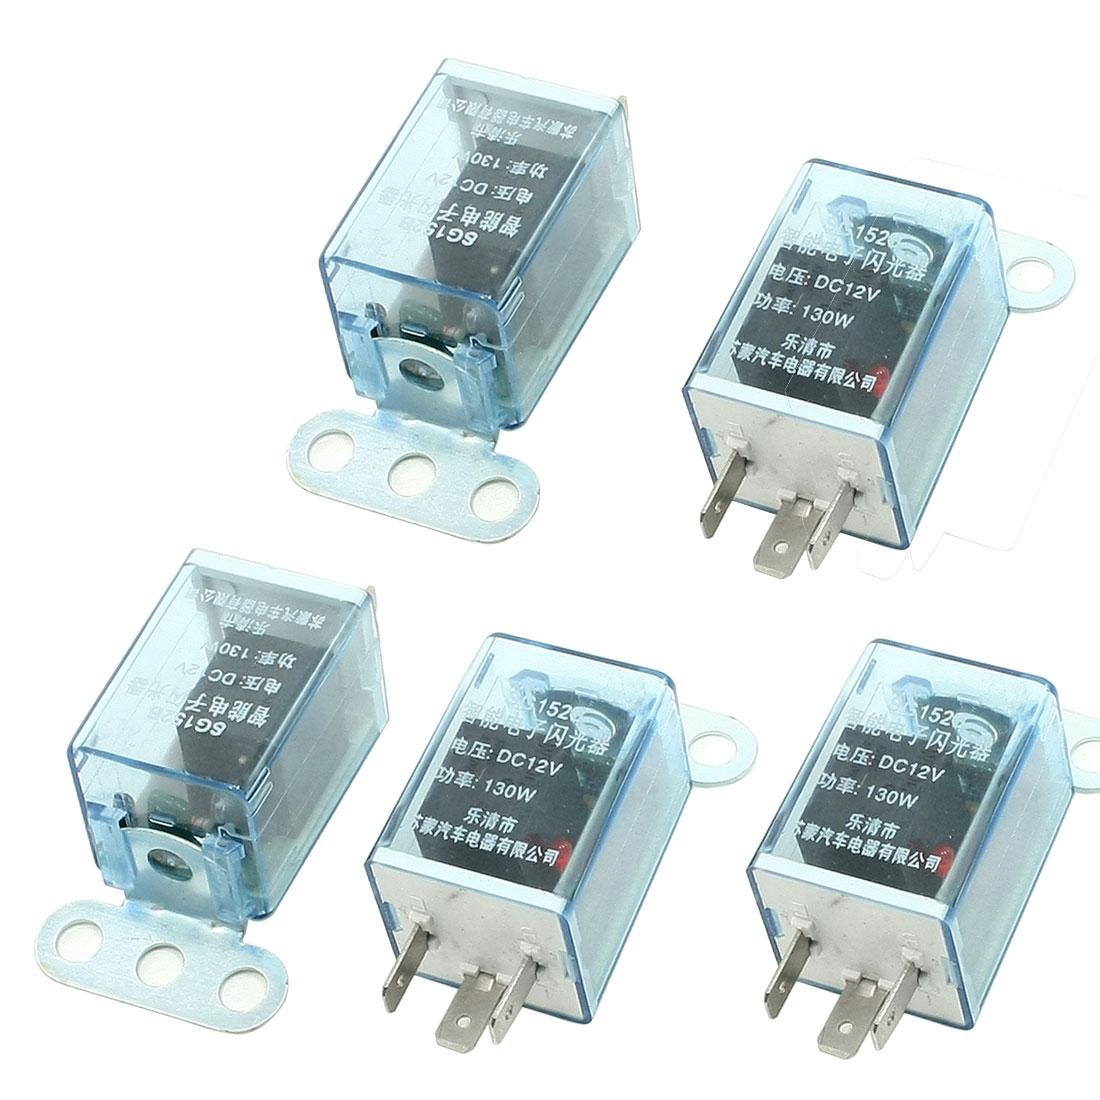 DC 12V 3 Pin LED Pilot Lamp Car Flasher Relay for Turn Singal Light 5 Pcs